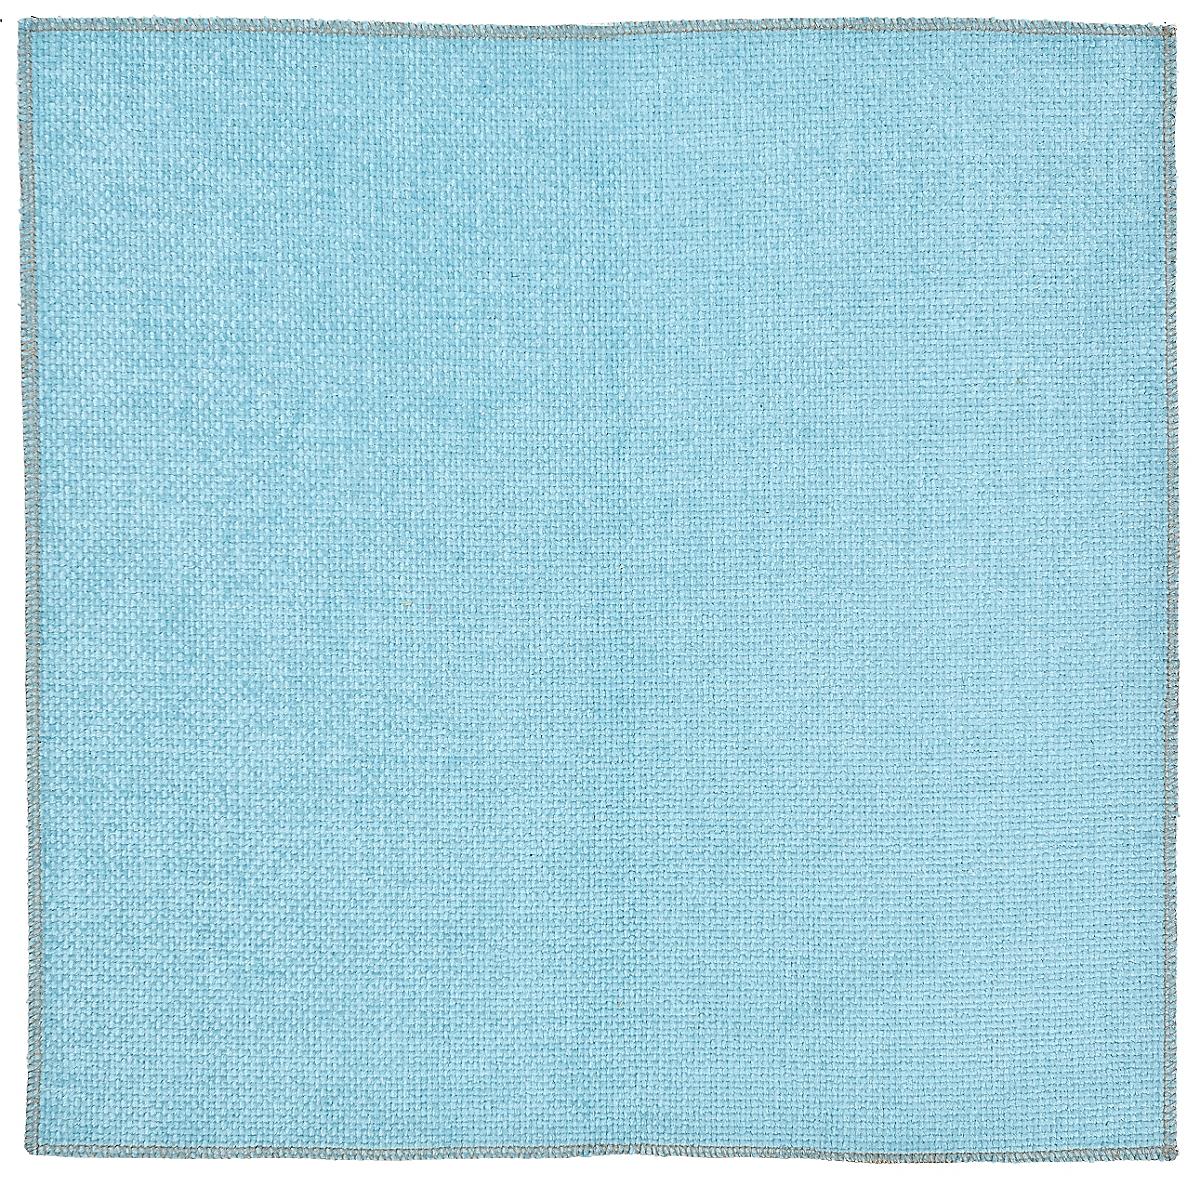 Luxe Yuri: Wave (fabric yardage)